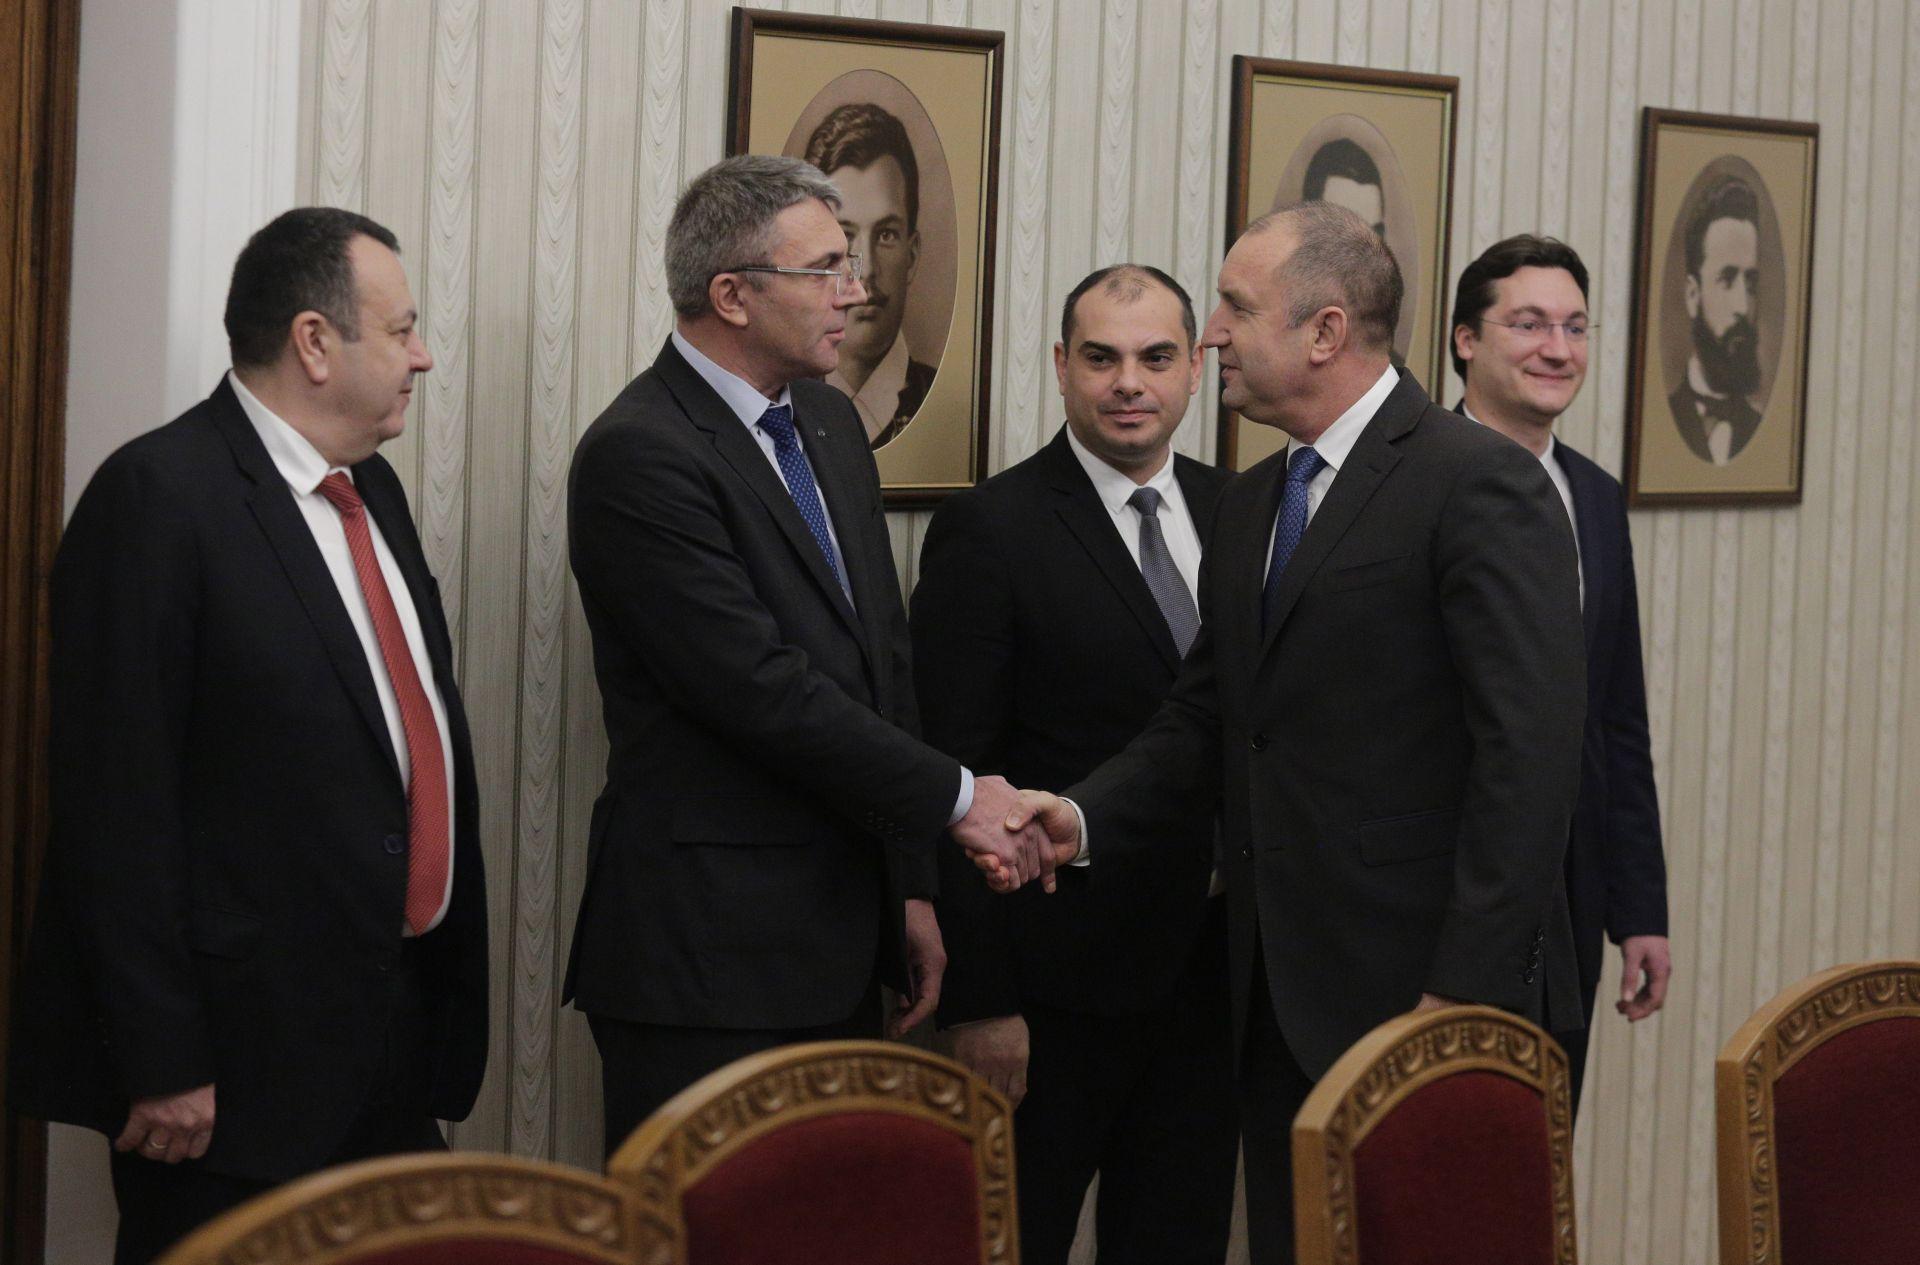 ДПС беше представена от лидера си Мустафа Карадайъ, но Корнелия Нинова не дойде, а изпрати депутати Филип Попов и Крум Зарков